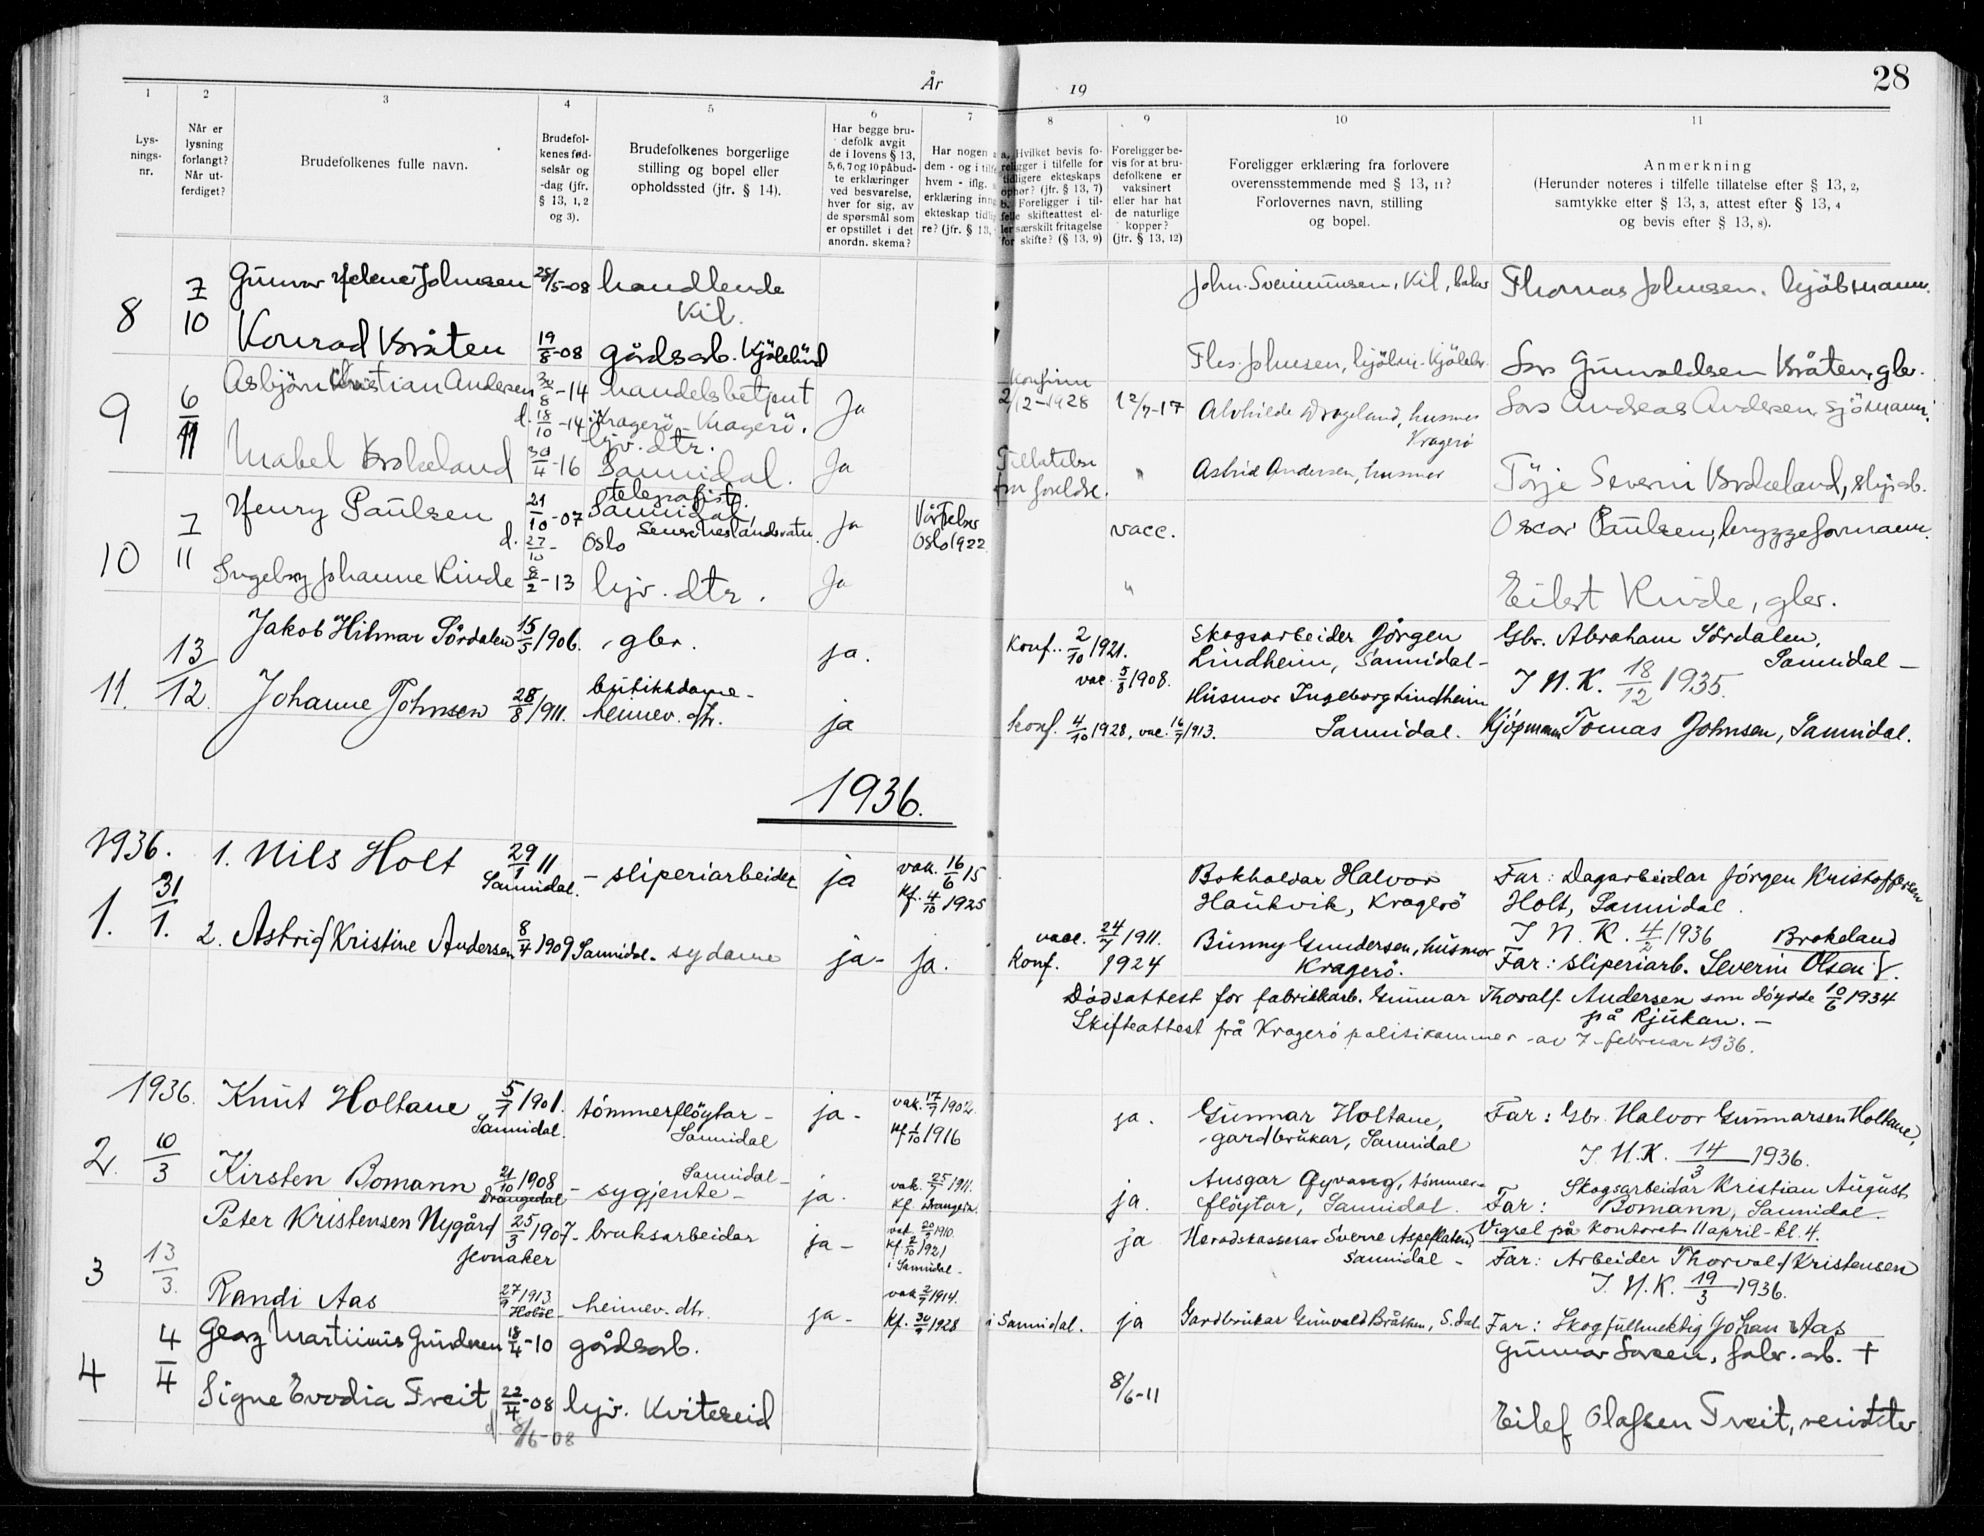 SAKO, Sannidal kirkebøker, H/Ha/L0002: Lysningsprotokoll nr. 2, 1919-1942, s. 28